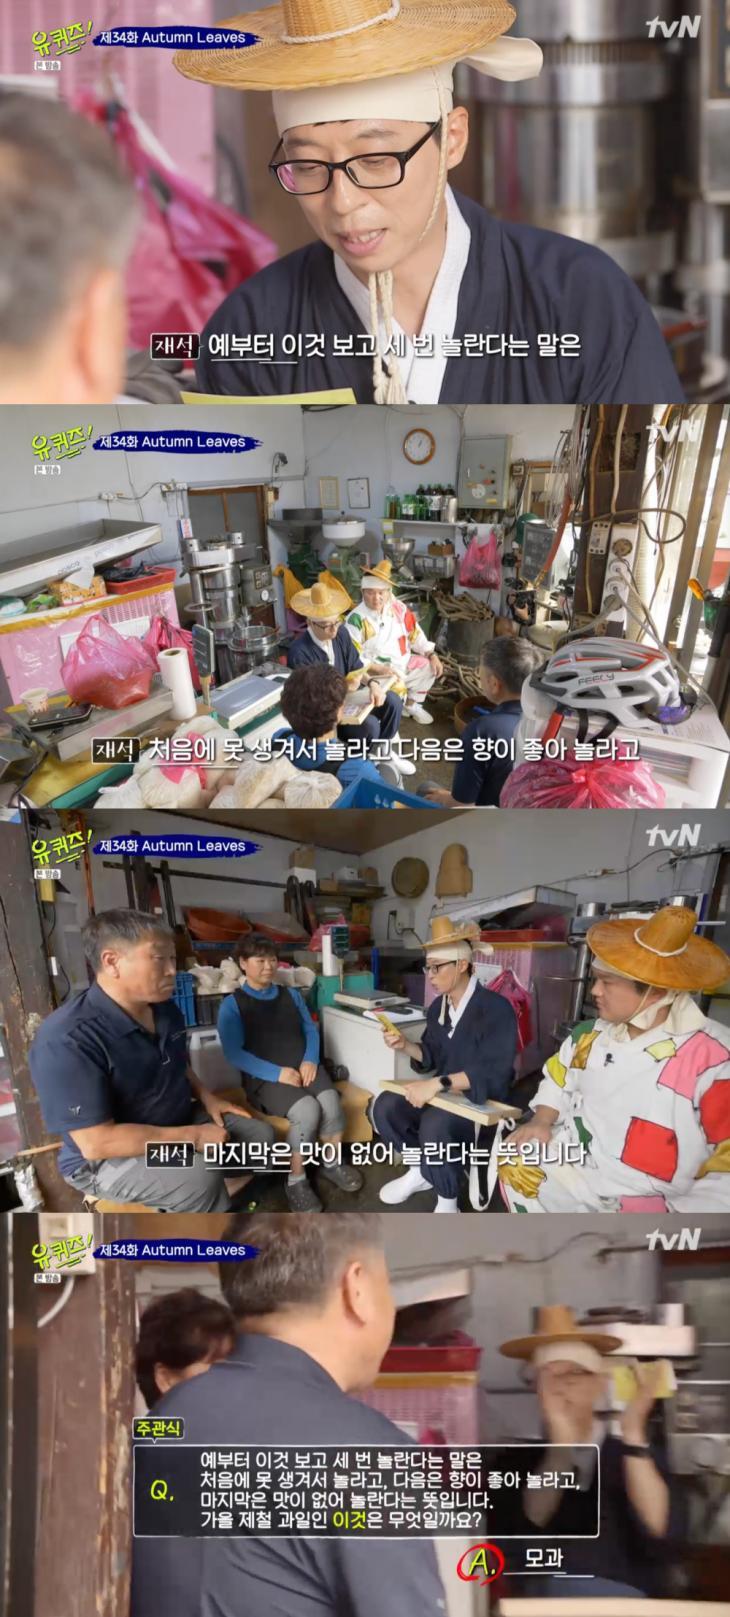 tvN '유 퀴즈 온 더 블럭2' 방송 캡처